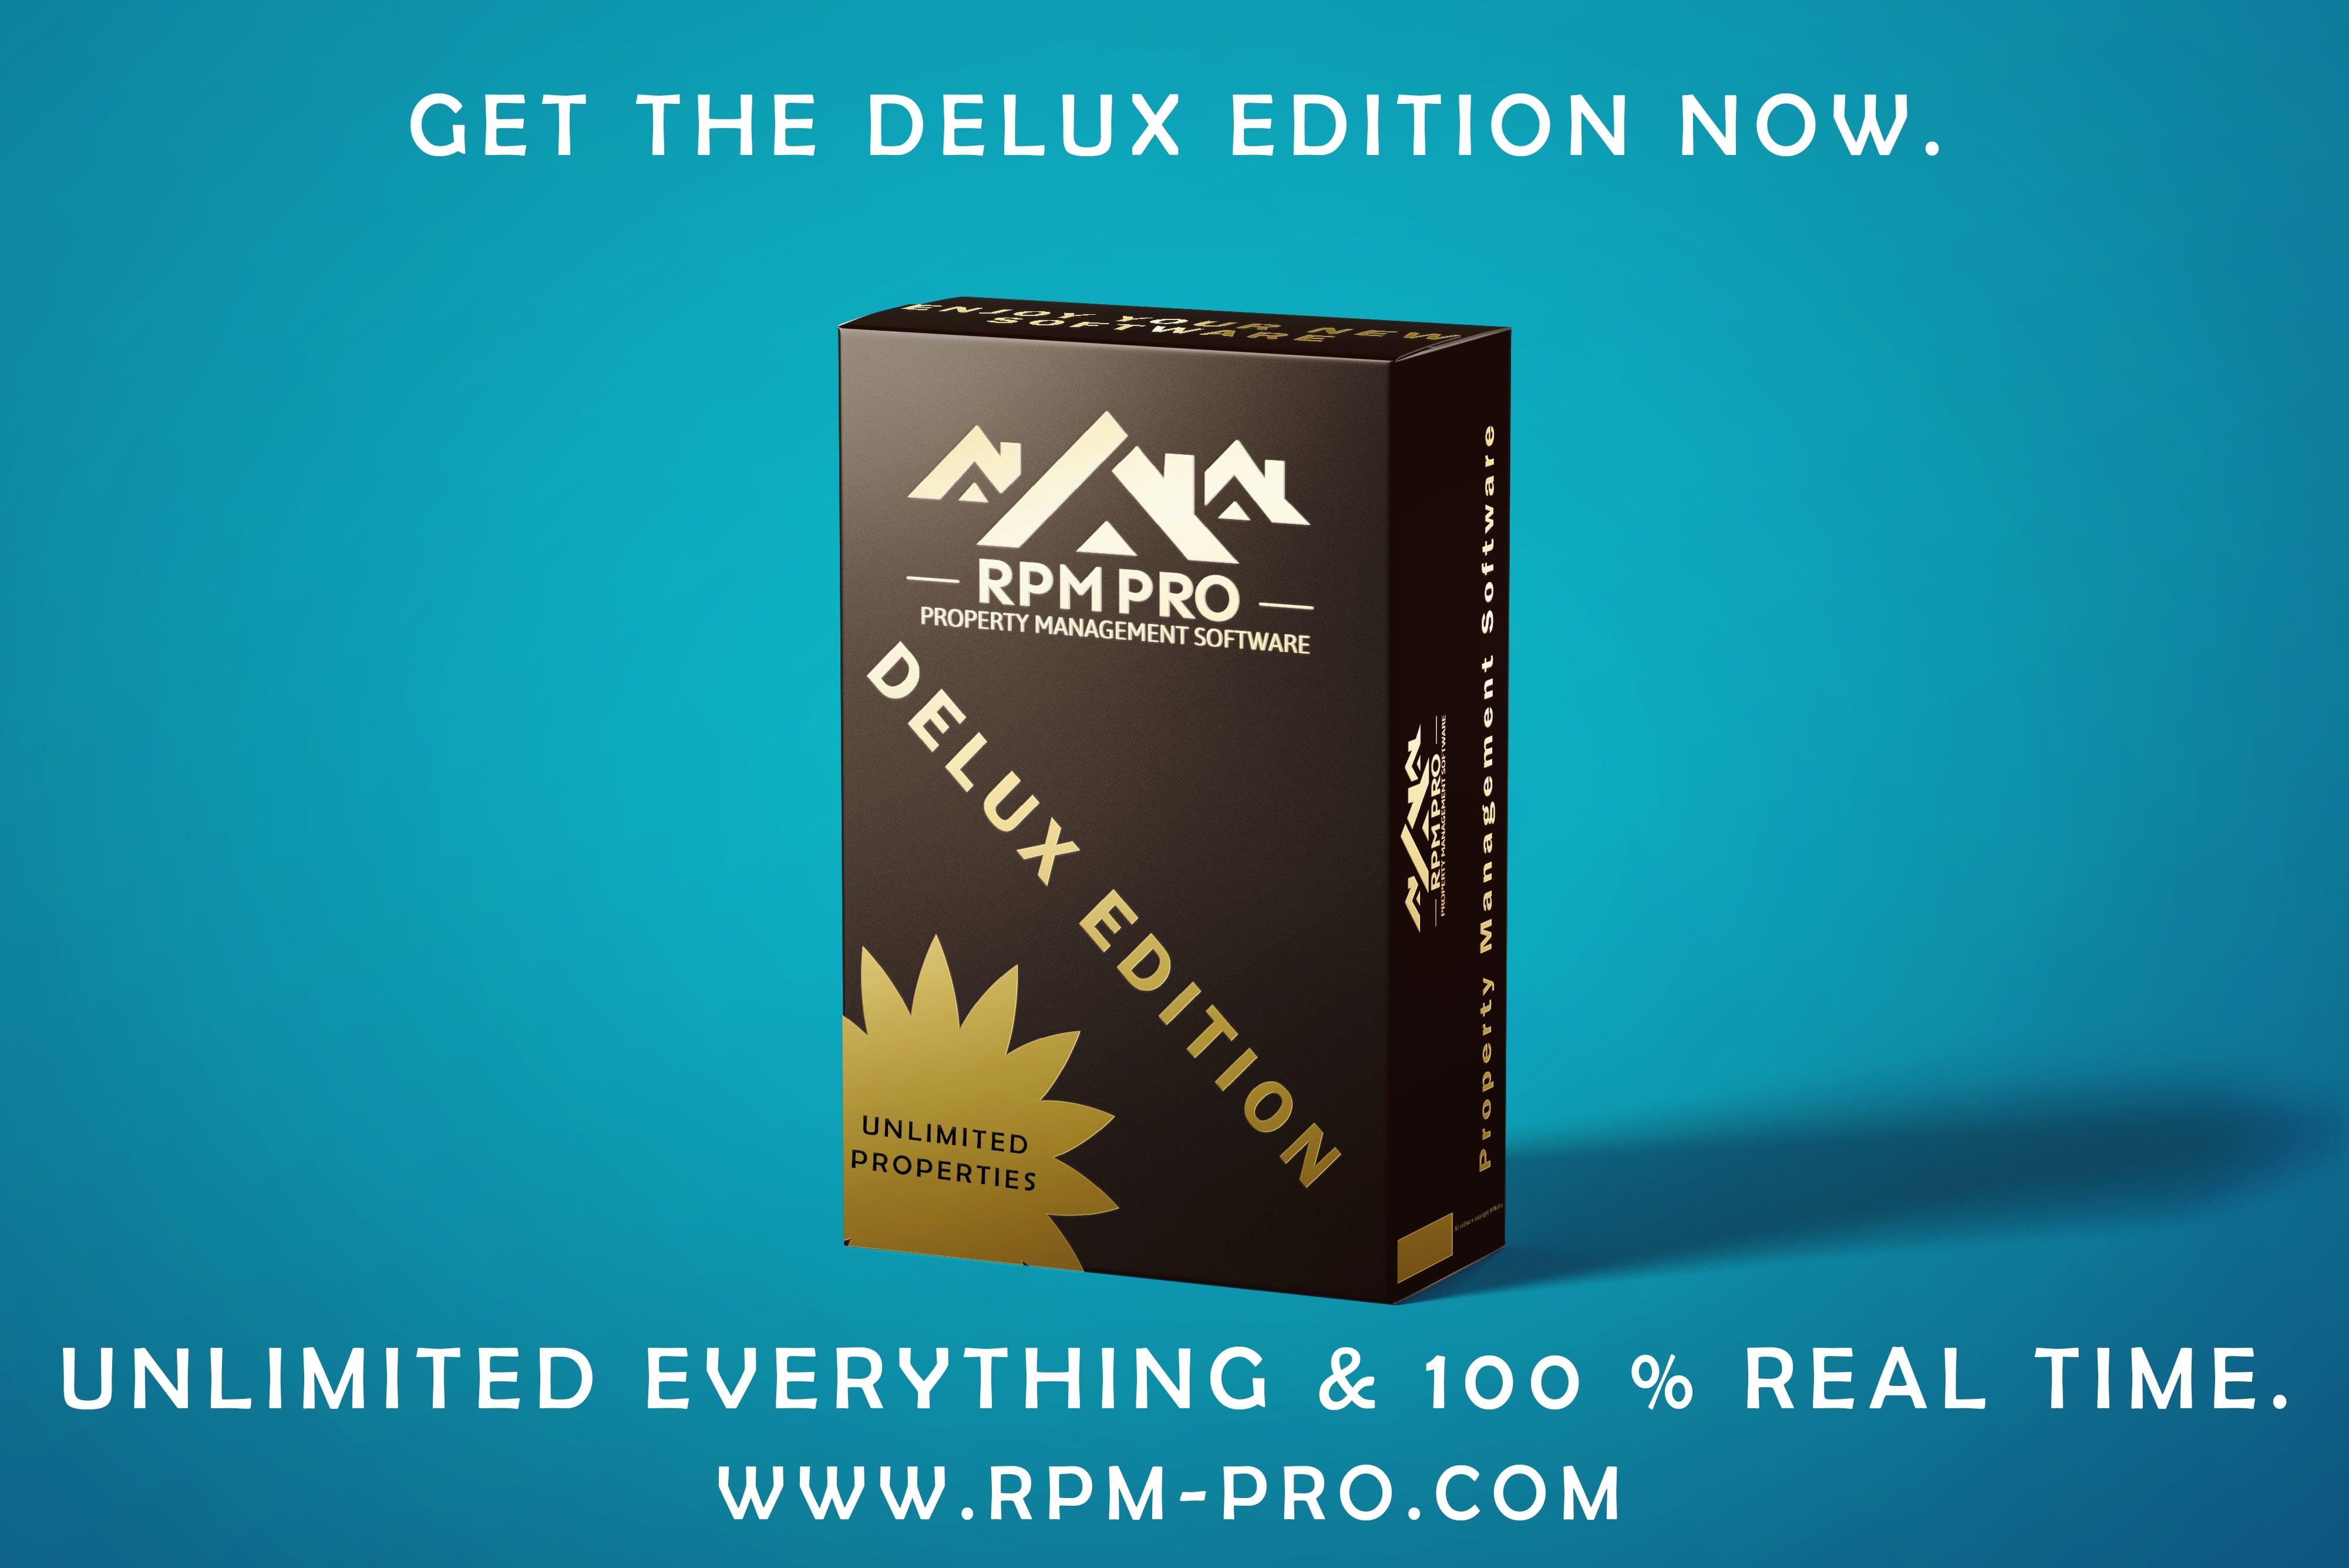 RPM Pro Delux Box Image